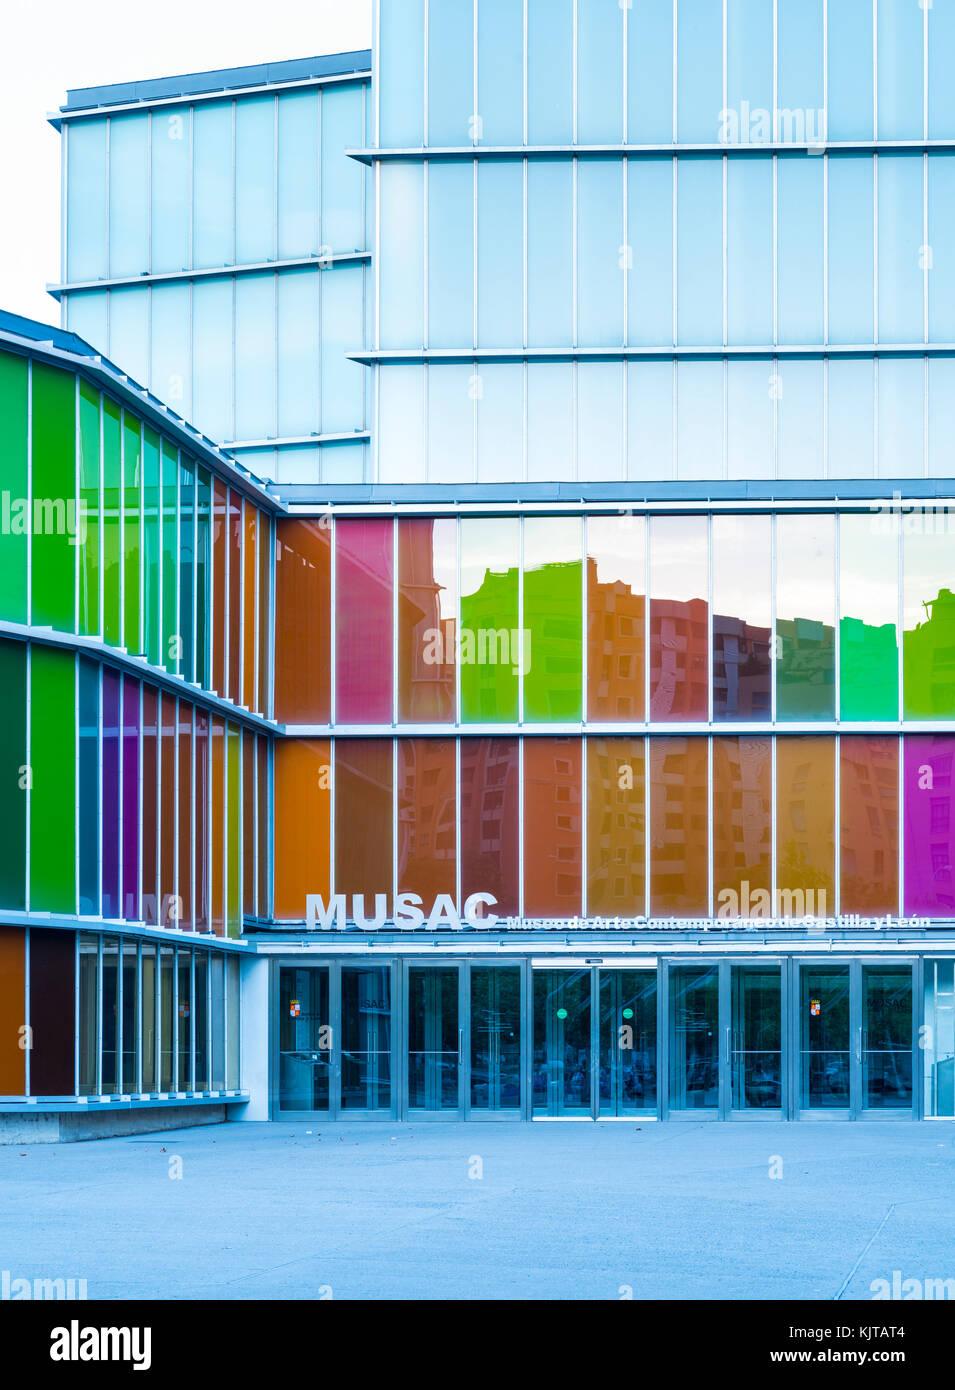 MUSAC Museo de Arte Contemporaneo de Castilla y Leon, Leon city, Leon province, Castilla y Leon, Spain, Europe - Stock Image